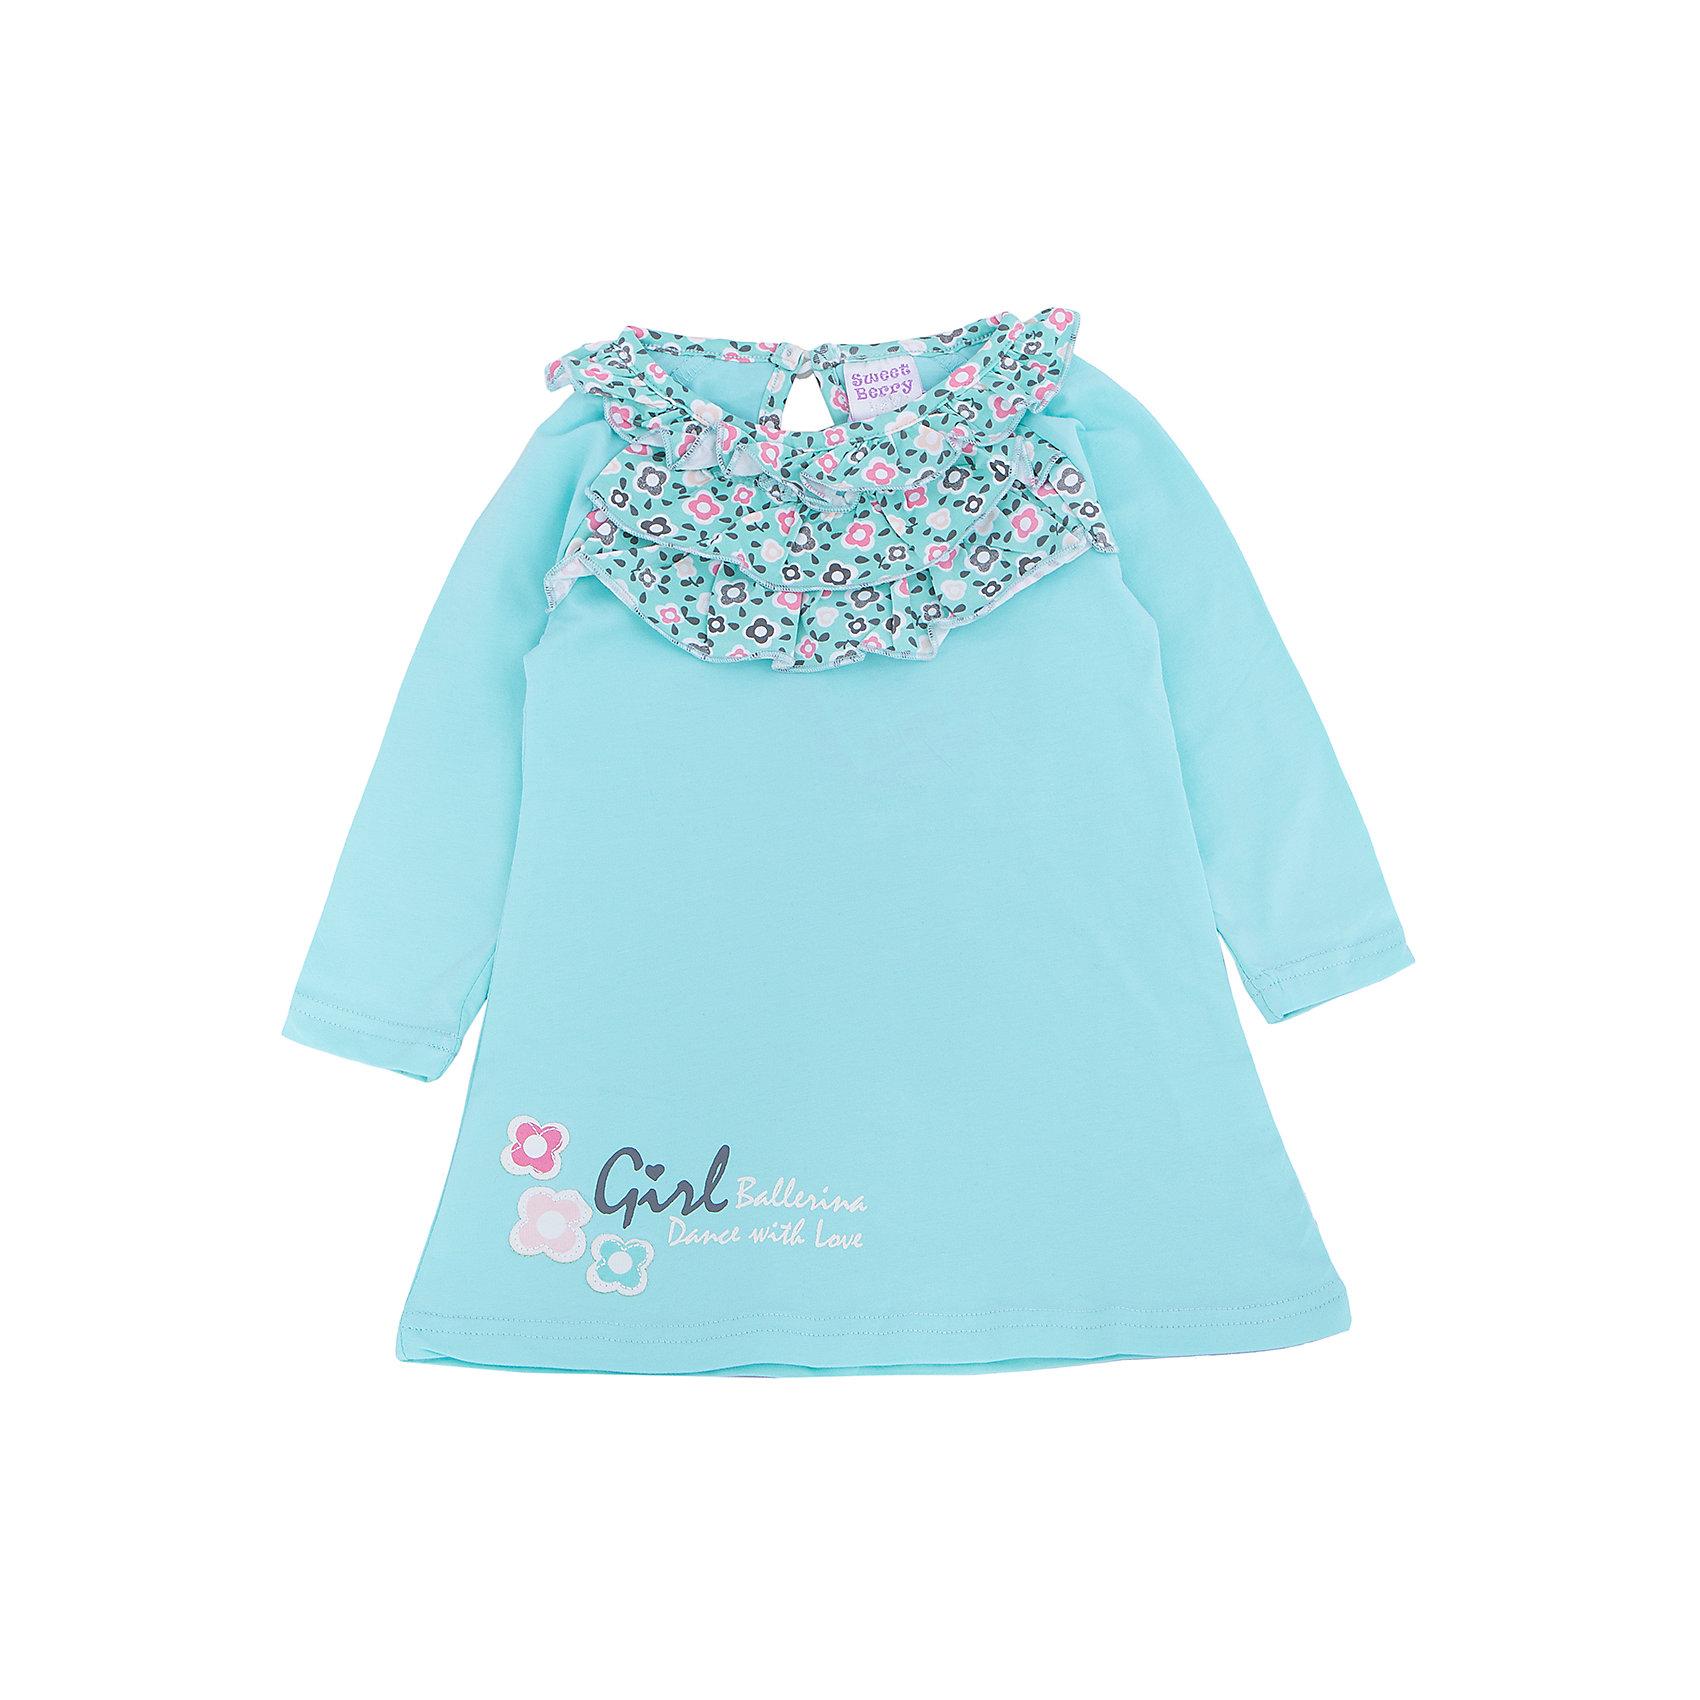 Платье для девочки Sweet BerryПлатье для девочки от популярной марки Sweet Berry.<br>Трикотажное платье для девочек. Украшено воланами из принтованного трикотажа и милым принтом.<br>Состав:<br>95% хлопок, 5% эластан<br><br>Ширина мм: 236<br>Глубина мм: 16<br>Высота мм: 184<br>Вес г: 177<br>Цвет: голубой<br>Возраст от месяцев: 24<br>Возраст до месяцев: 36<br>Пол: Женский<br>Возраст: Детский<br>Размер: 98,80,86,92<br>SKU: 4931163